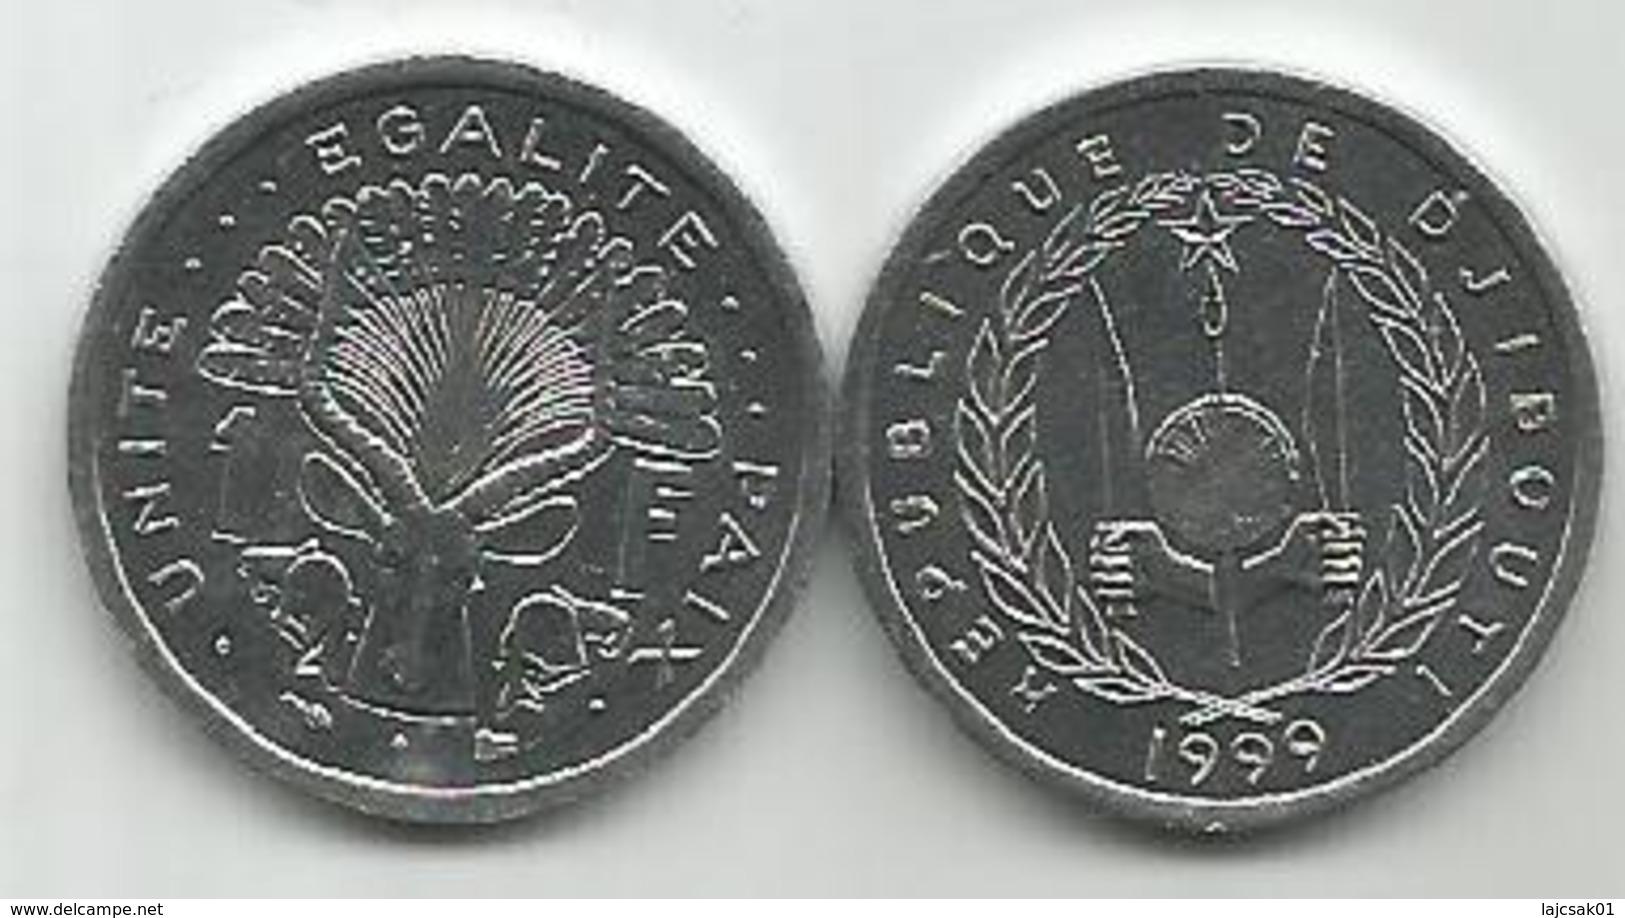 Djibouti 1 Franc 1999. High Grade - Djibouti